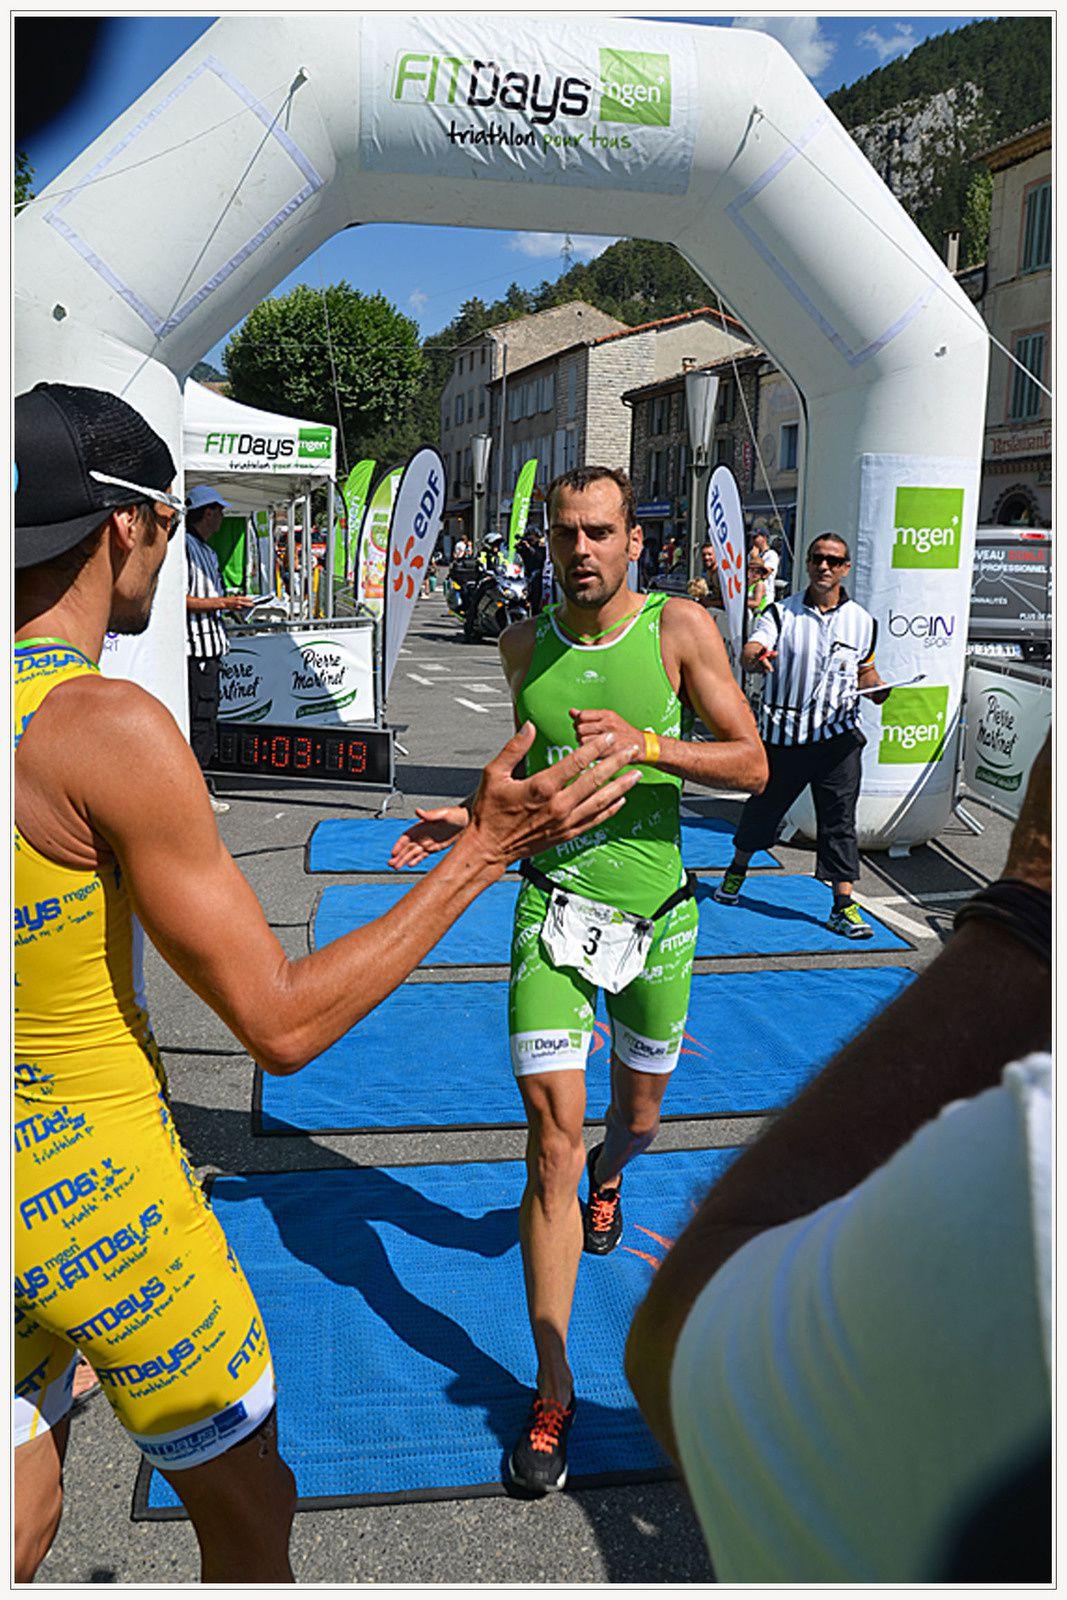 1er Frédéric Bélaubre (FRA) – Eurovia 1 :03'11 ( à gauche ) &  2e Aurélien Lebrun (FRA) – St raphaël Triathlon 1 :03'15 à l'arrivée